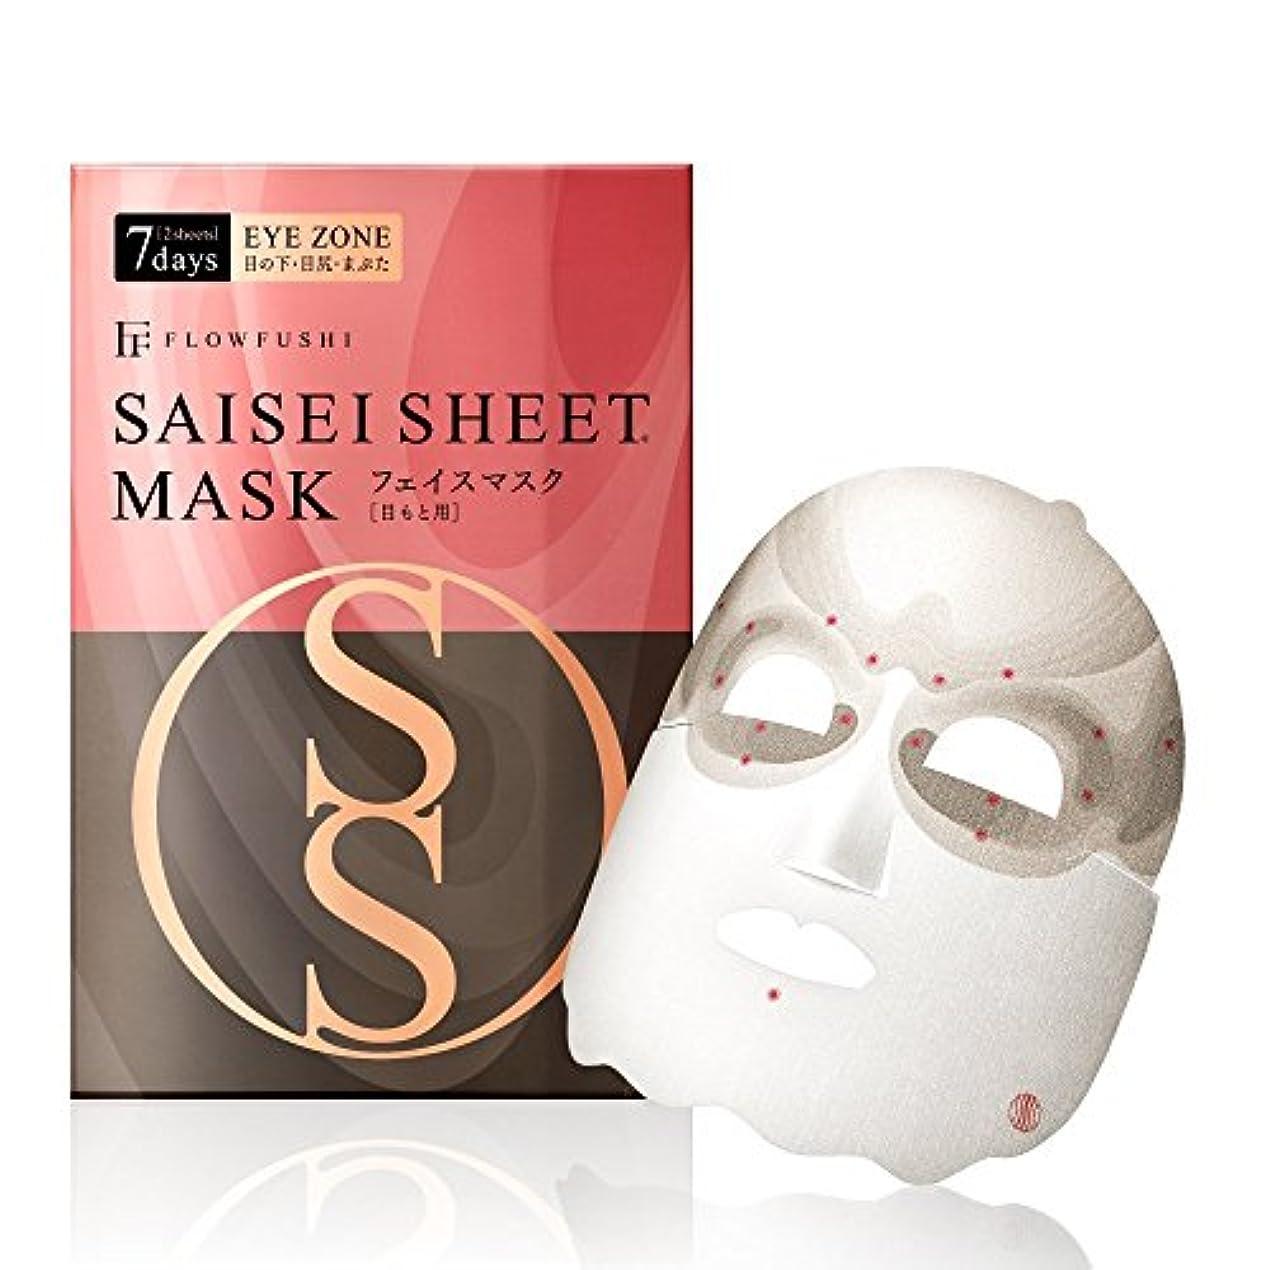 練習したそれテクニカルSAISEIシート マスク [目もと用] 7days 2sheets